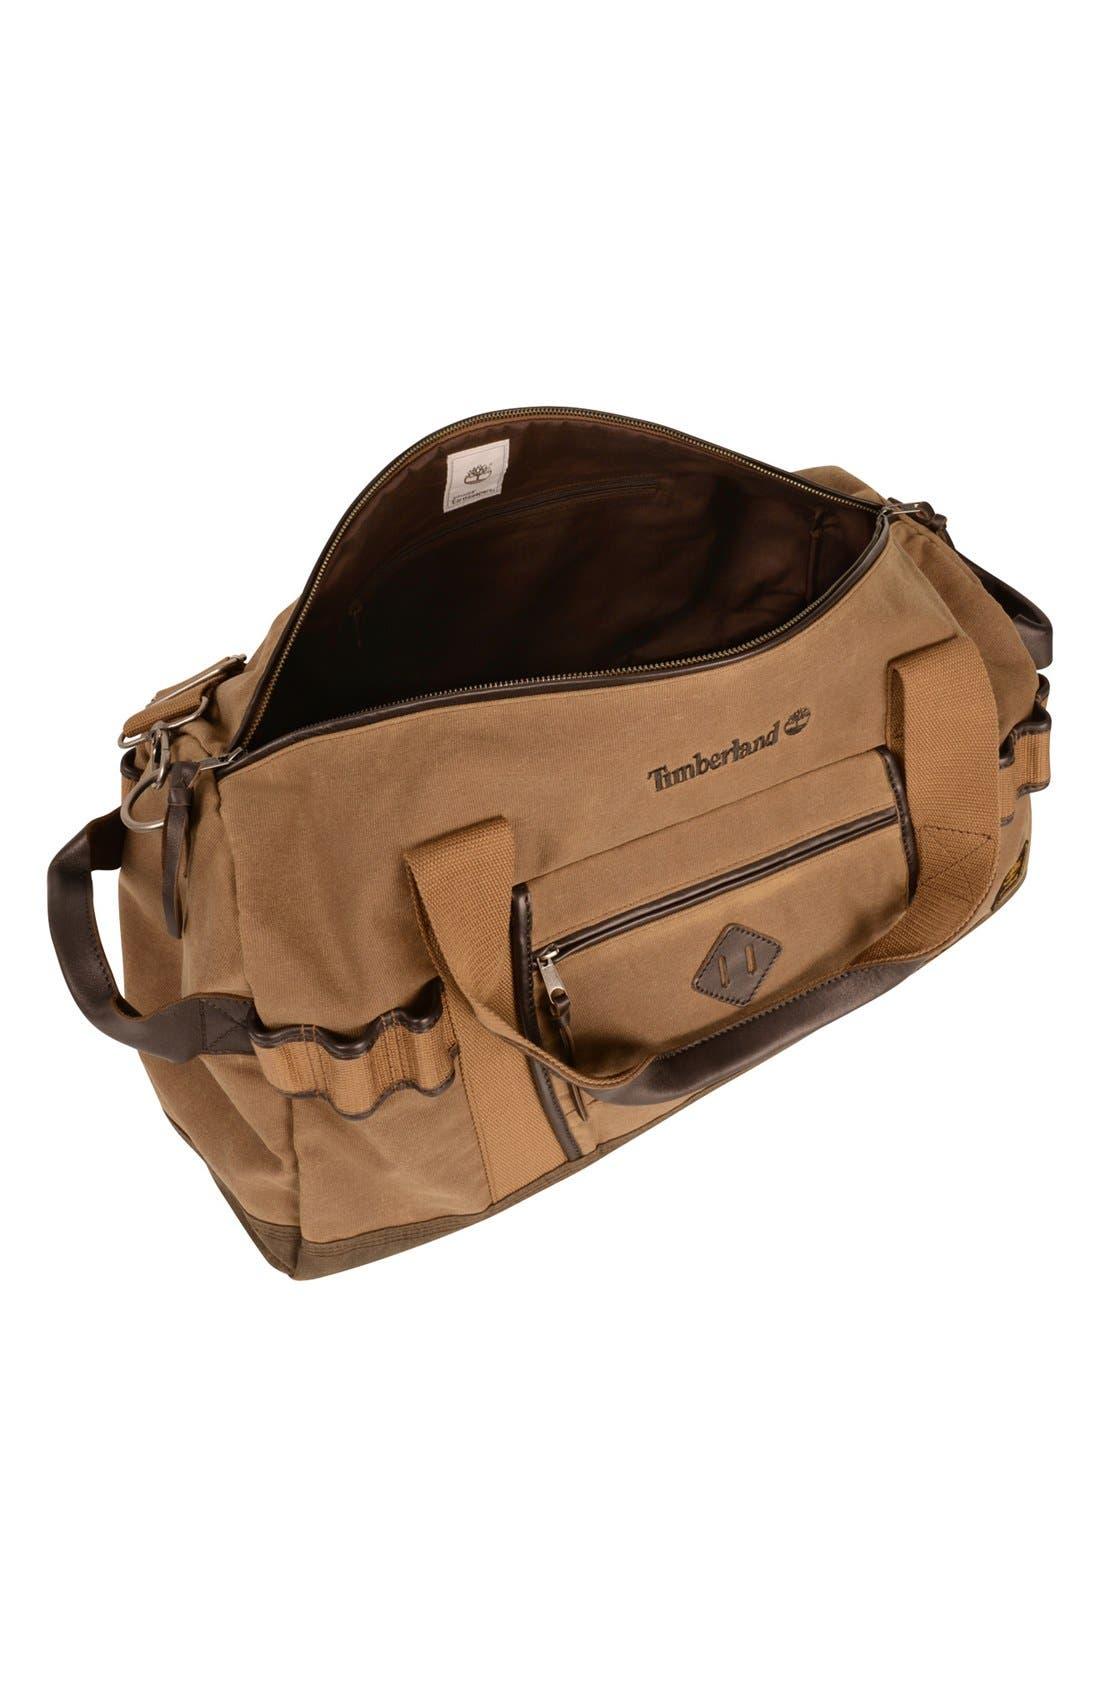 'Madison' Duffel Bag,                             Alternate thumbnail 3, color,                             Tan/ Brown